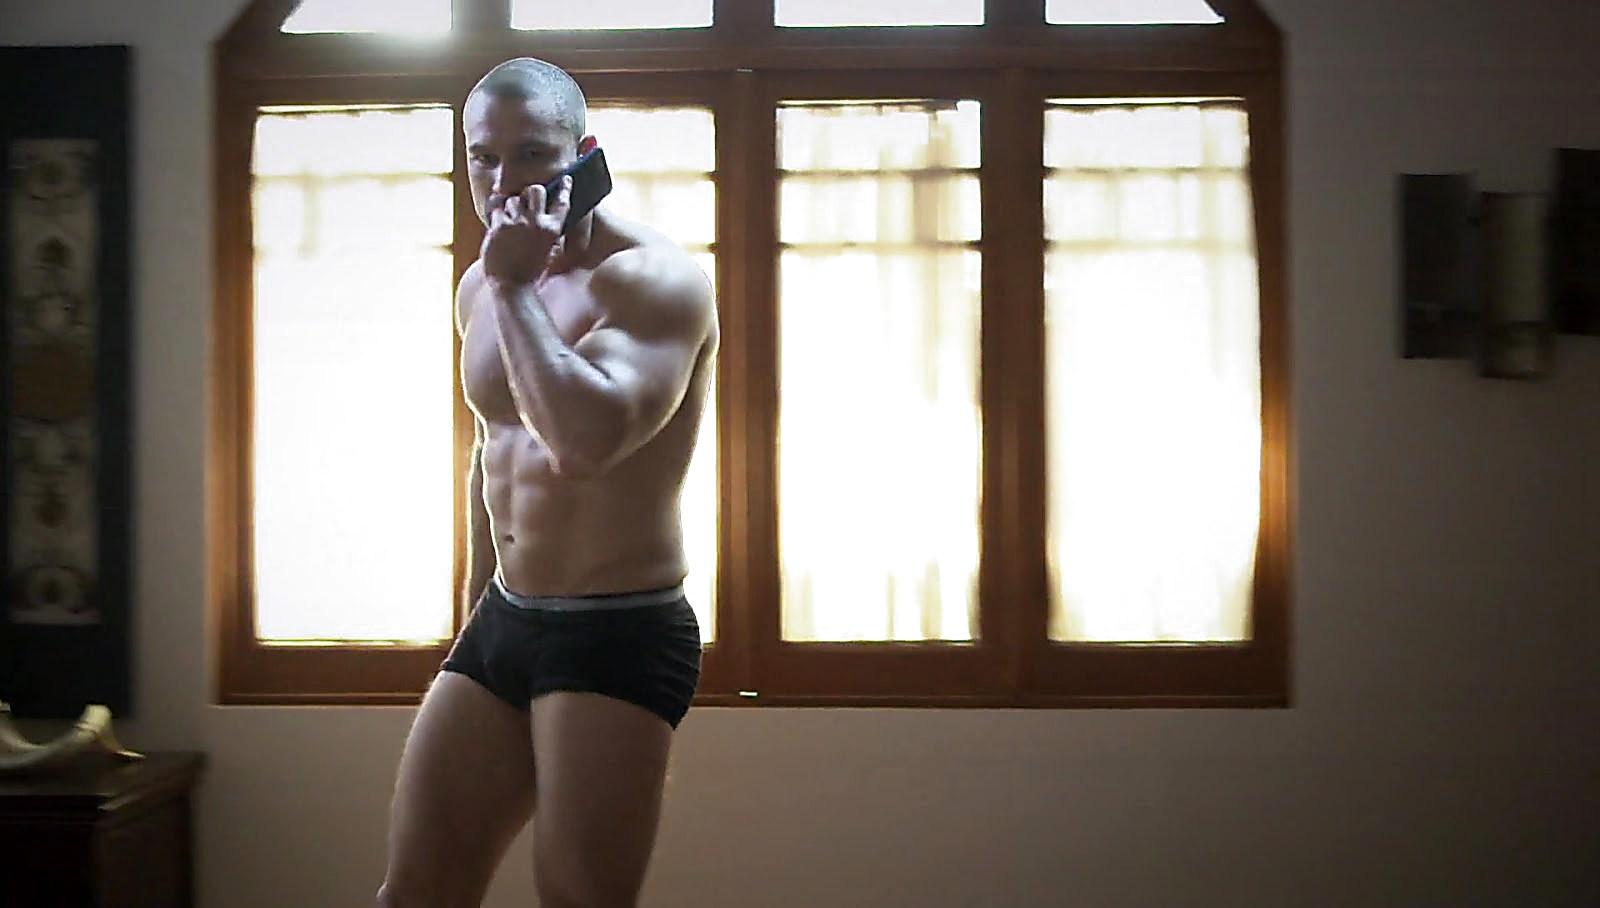 Rafael Amaya sexy shirtless scene October 26, 2017, 12pm